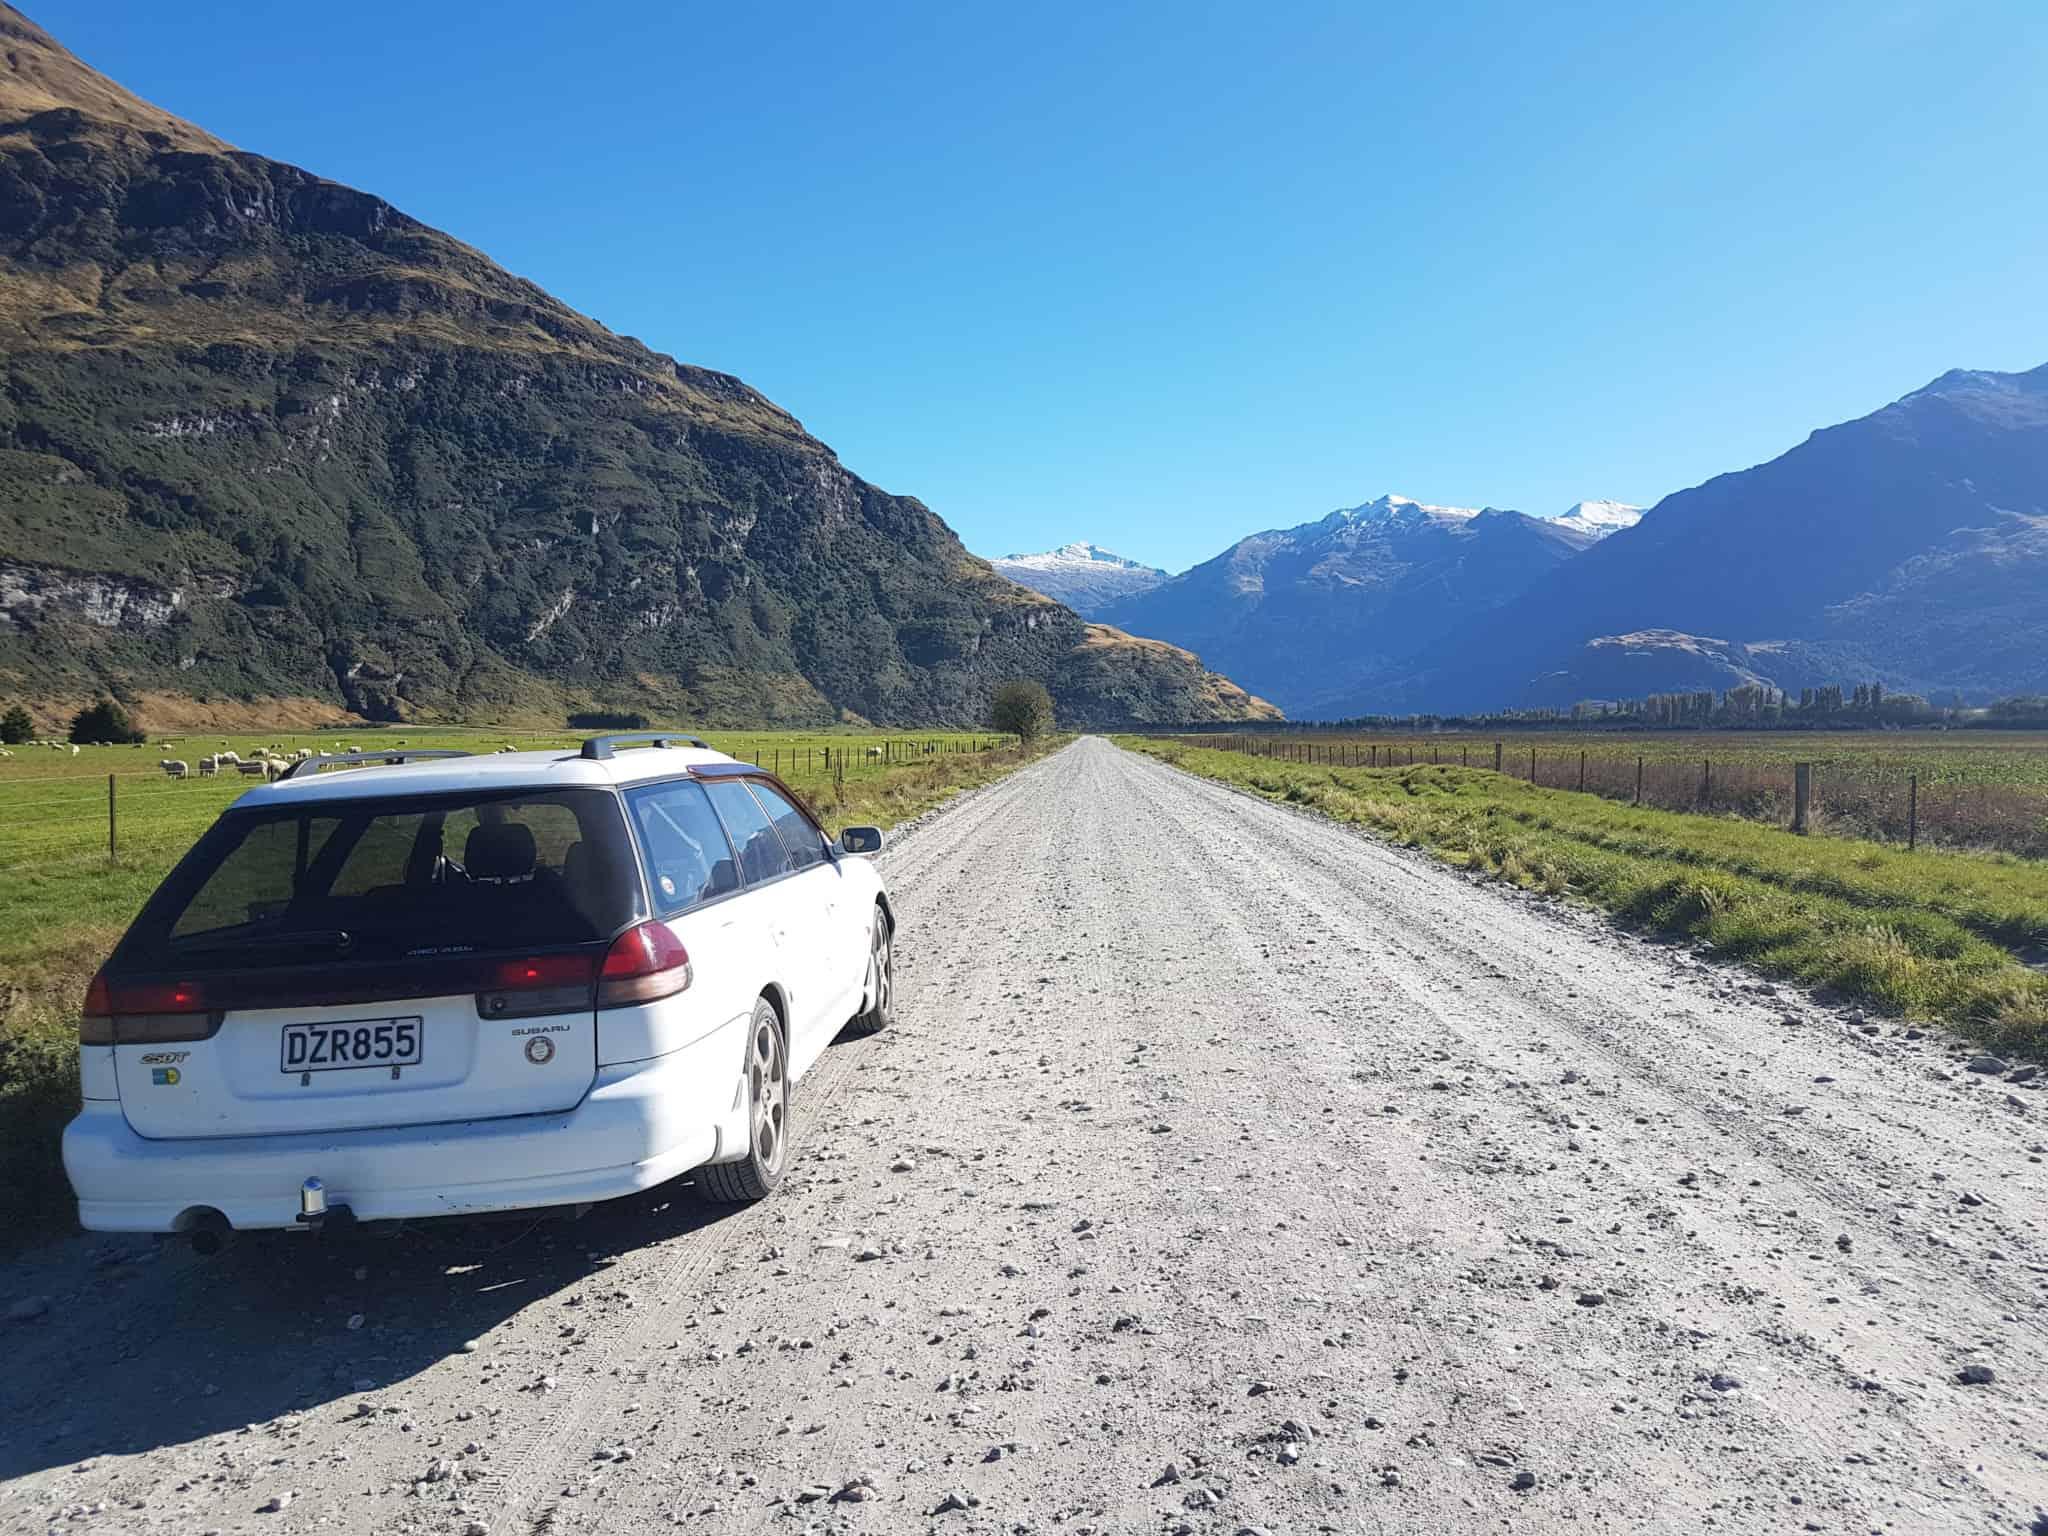 Nouvelle-Zélande, randonnée vers le Rob Roy Glacier et son sommet enneigé ❄ 4